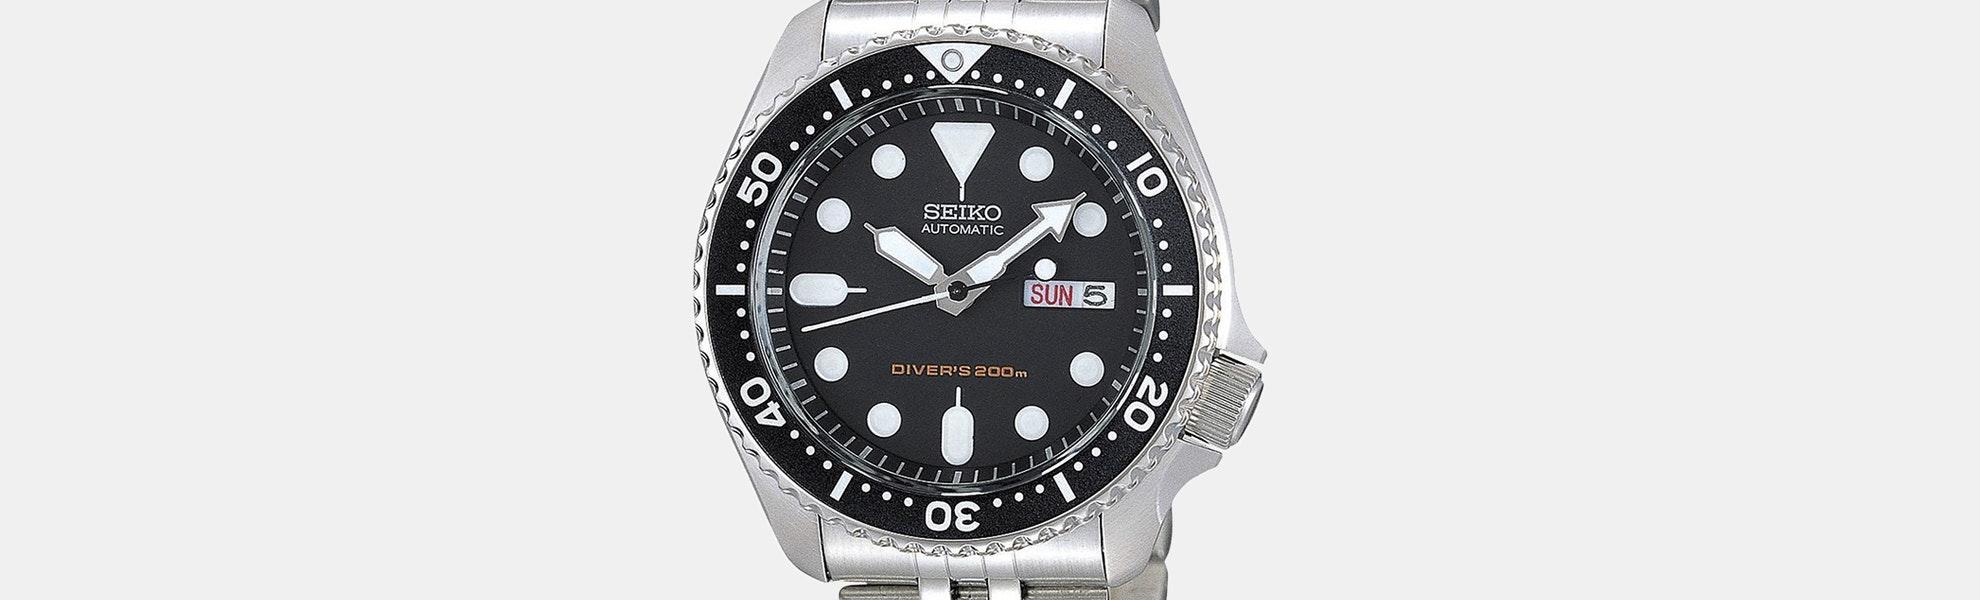 Seiko Core Diver SKX Automatic Watch